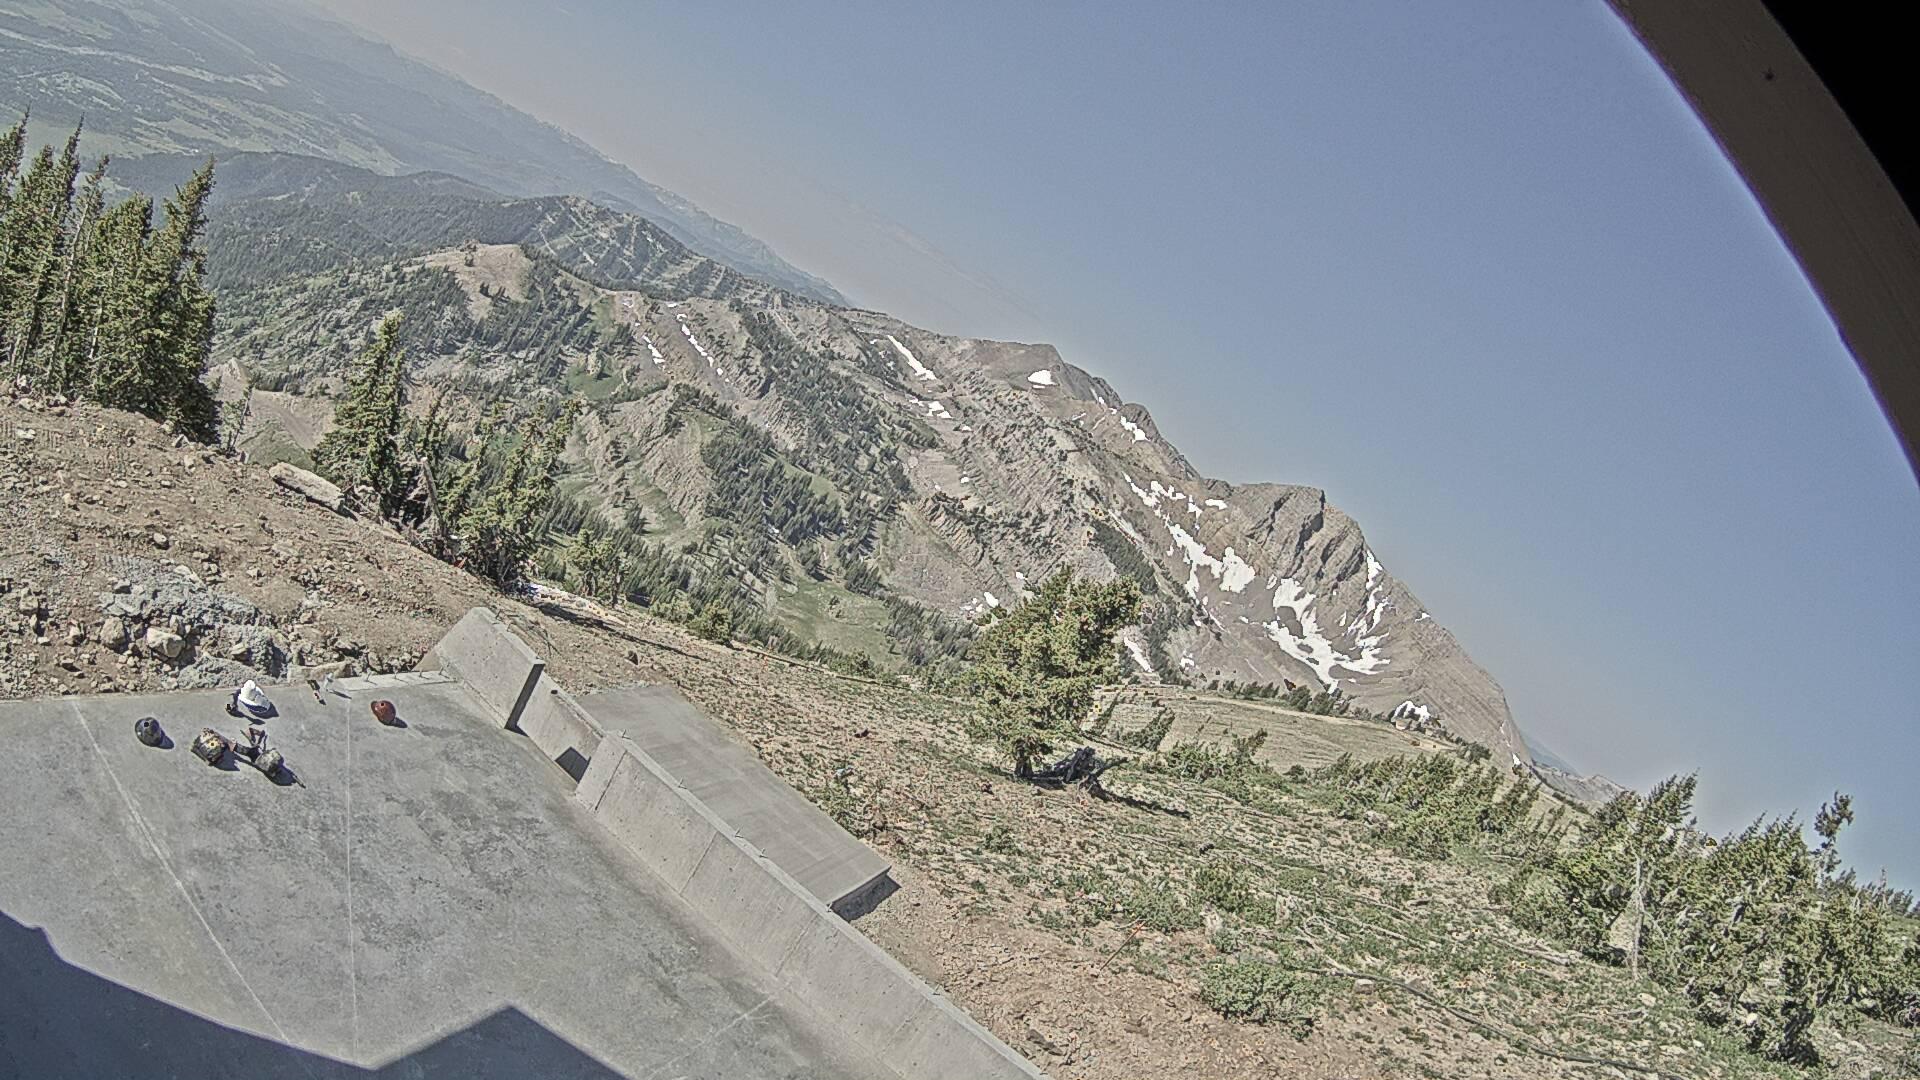 Jackson Hole, Cody Bowl